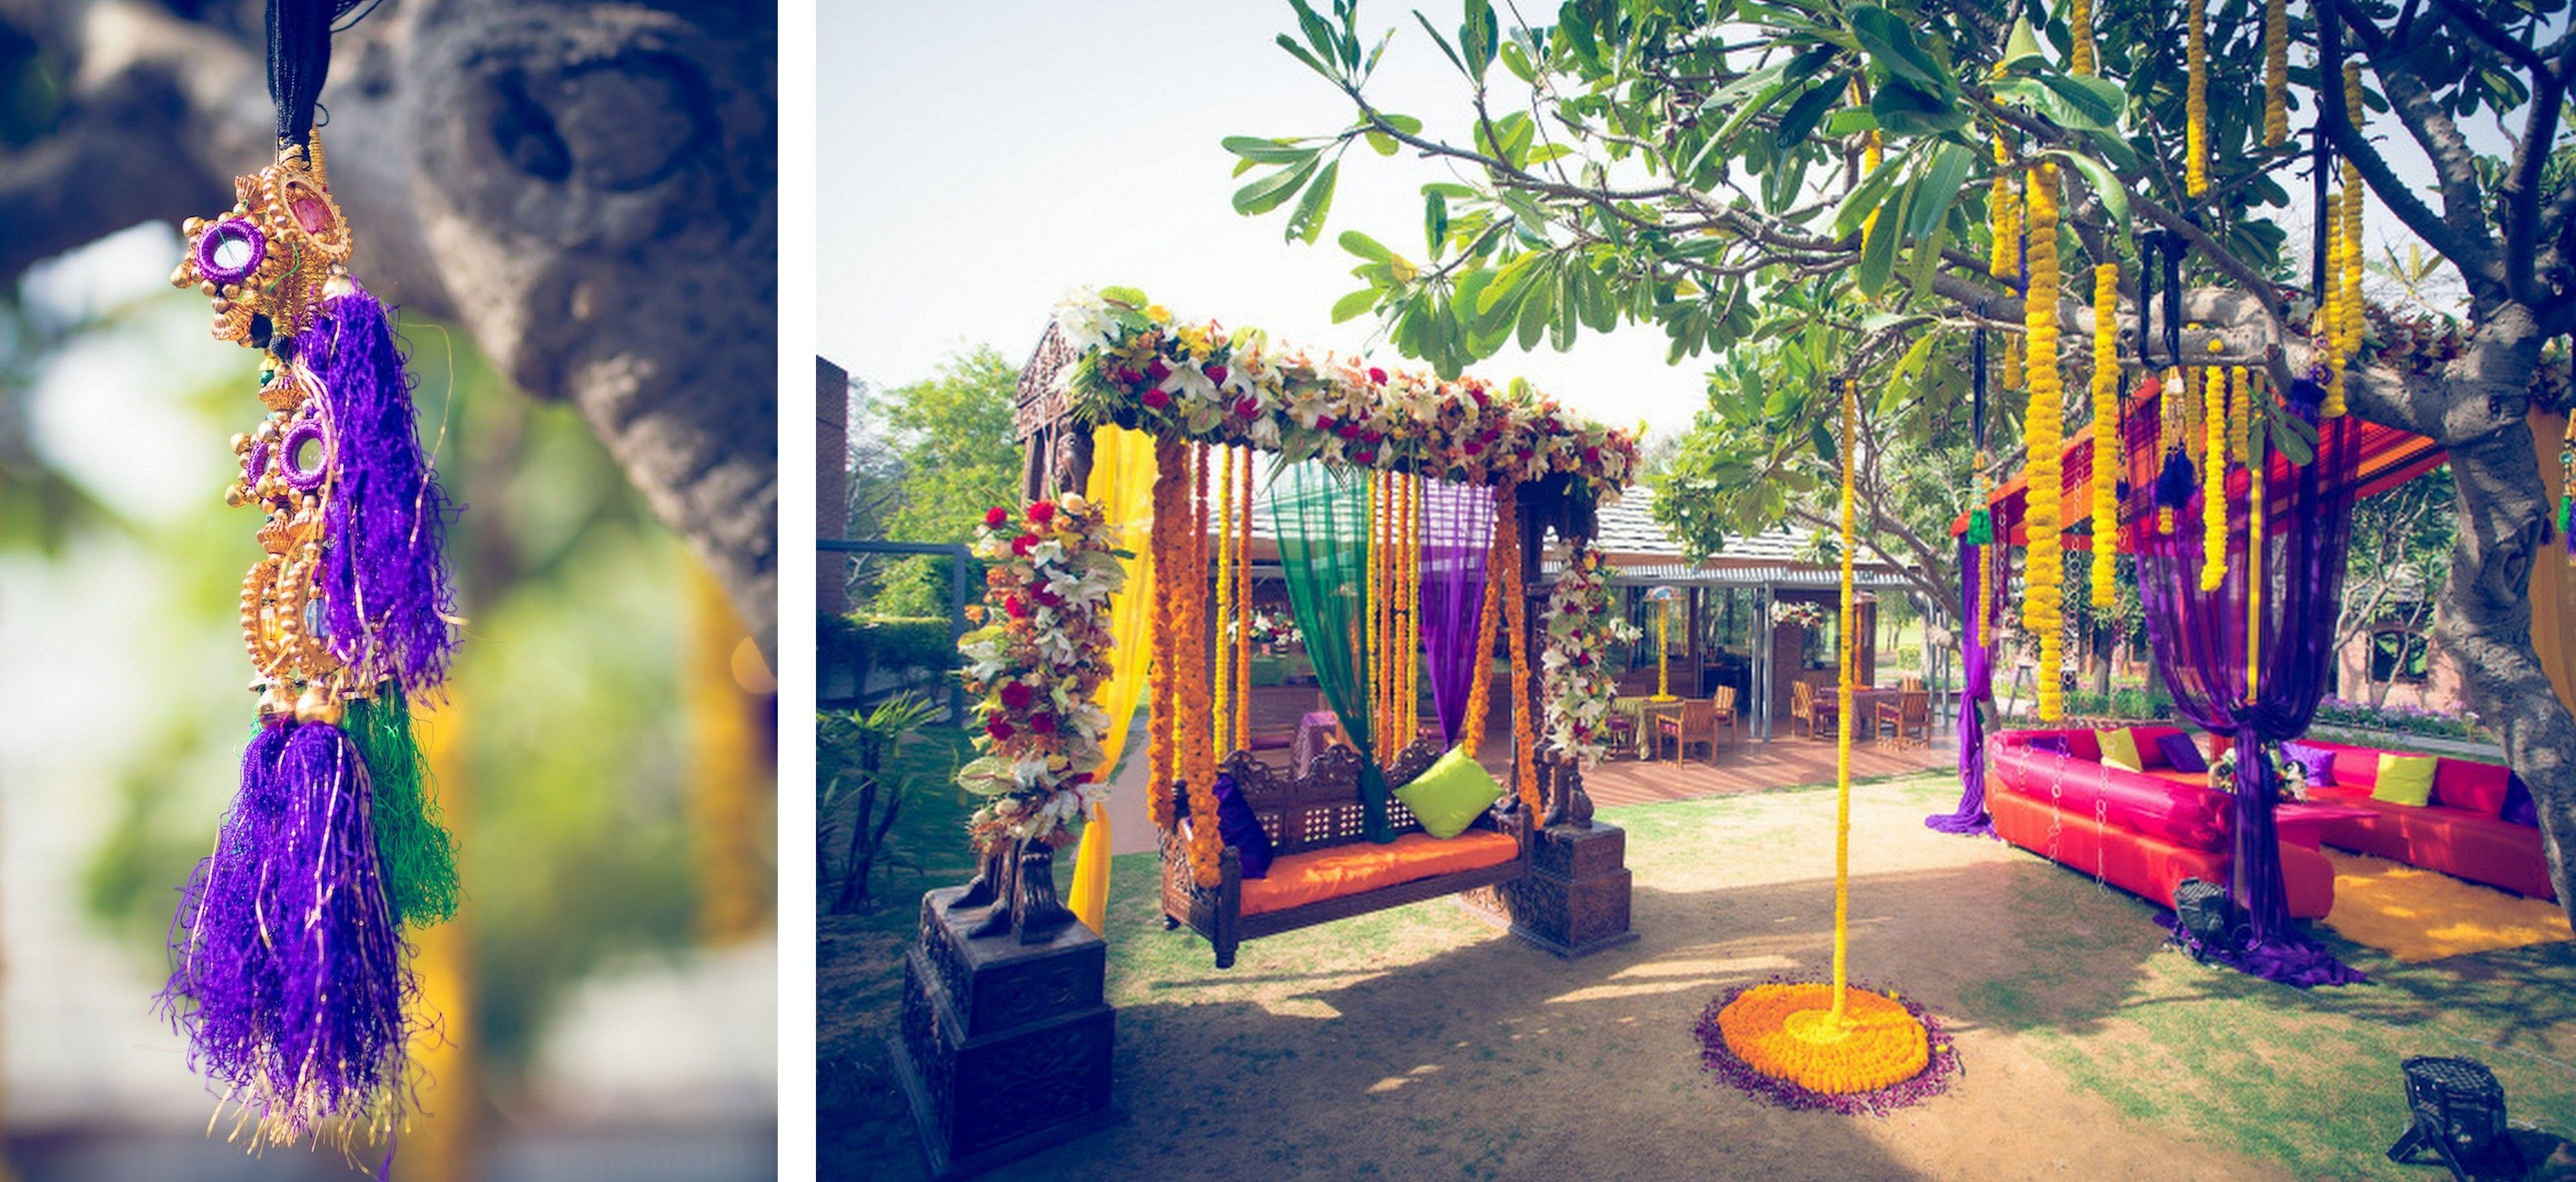 Fun decor ideas for your mehendi wedding photo ideas httpwww fun decor ideas for your mehendi wedding photo ideas httpweddingspow junglespirit Choice Image